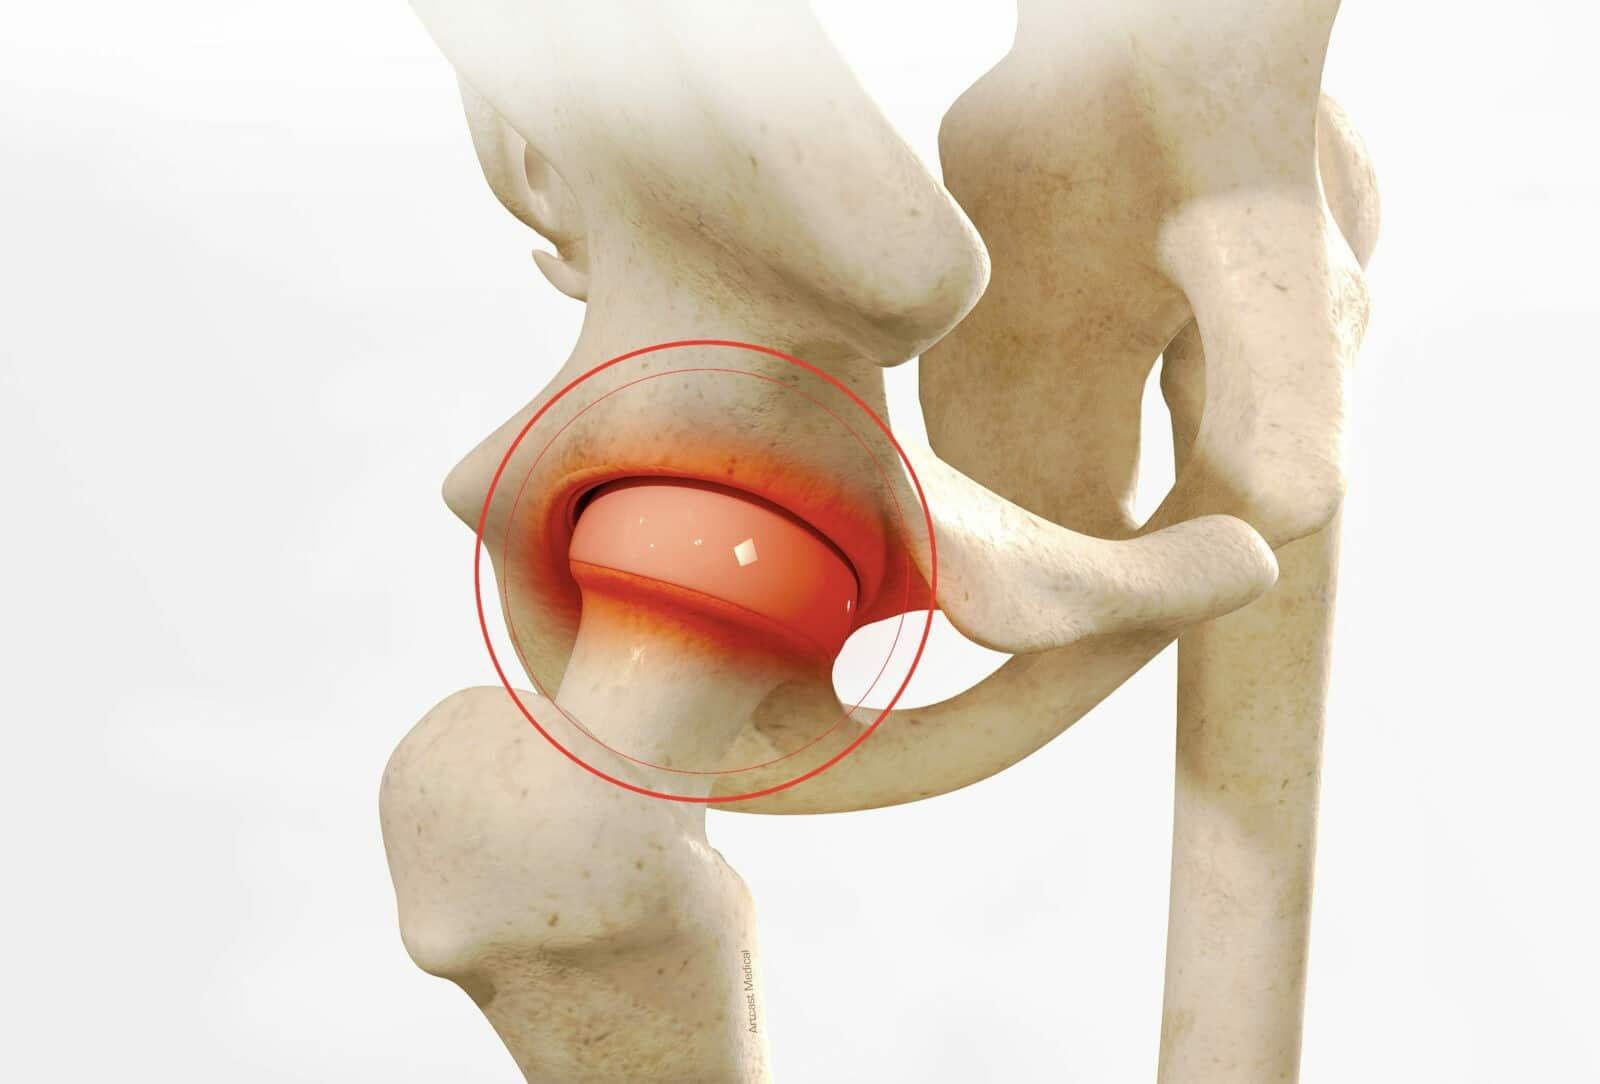 Chirurgie de la hanche à Paris: Arthroscopie de la hanche - Dr Paillard